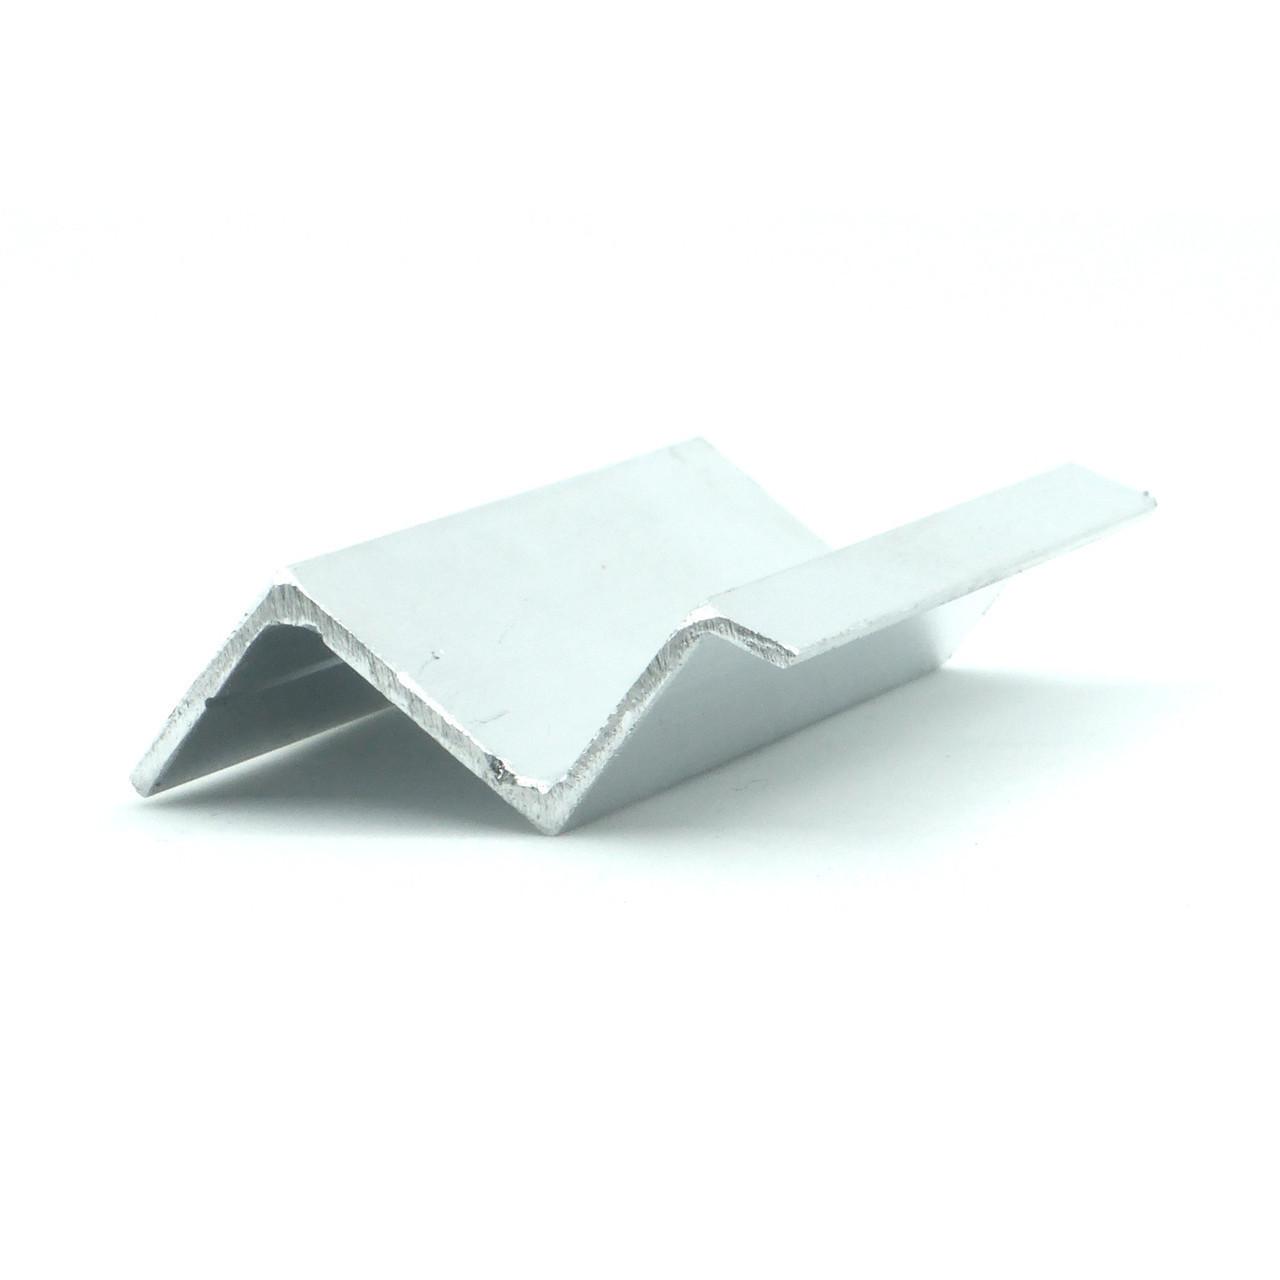 Профиль алюминиевый для натяжных потолков - Z-образный для многоуровневых натяжных потолков. Длина профиля 2,5 м.